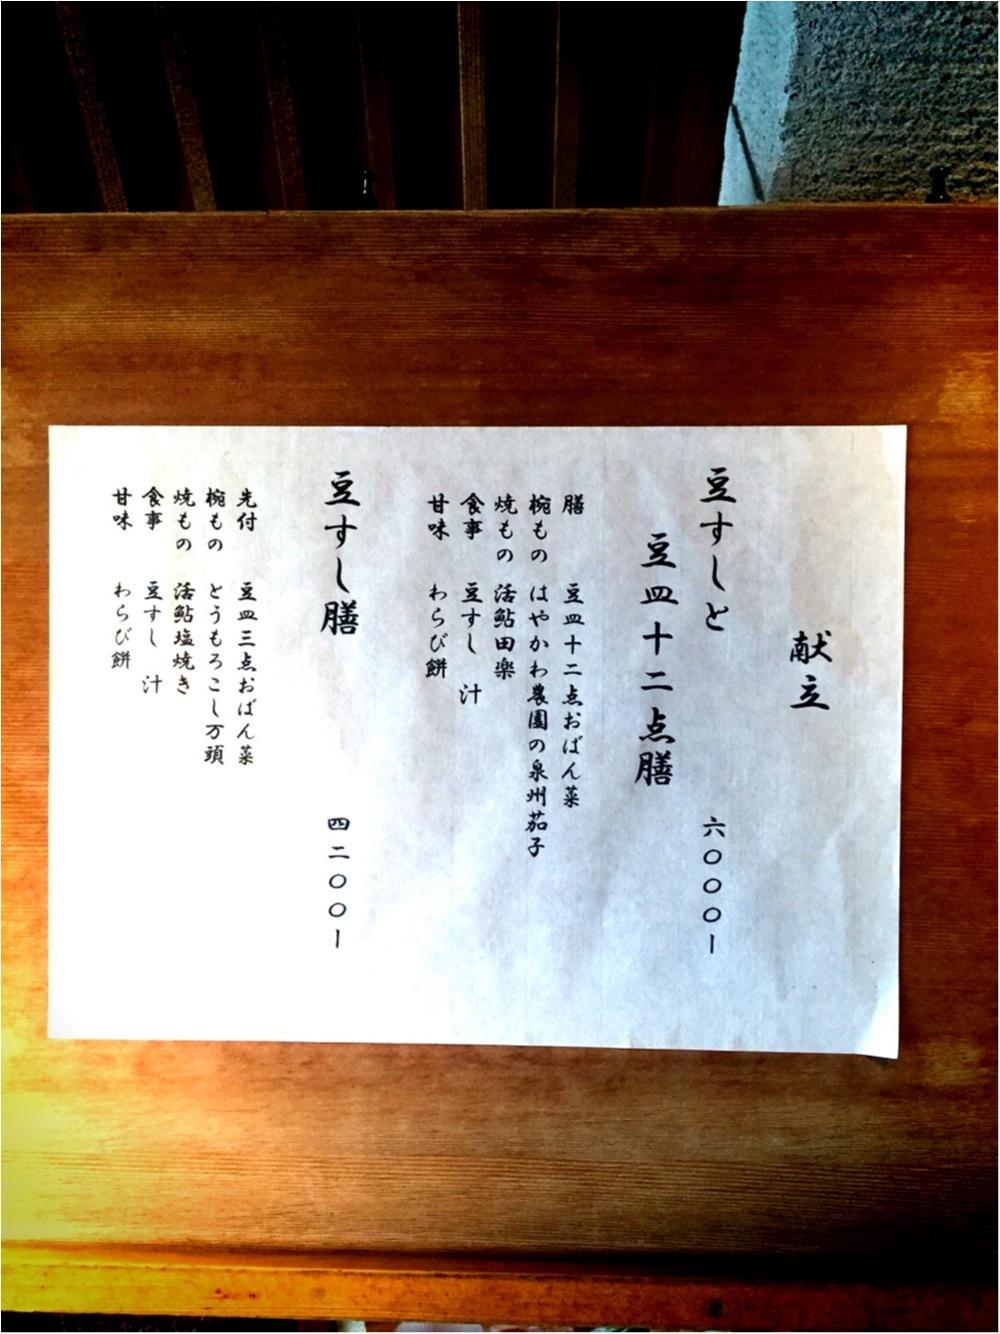 京都・祇園で味わえる!可愛すぎるお寿司♡『祇をん 豆寅』がおすすめです♡_4